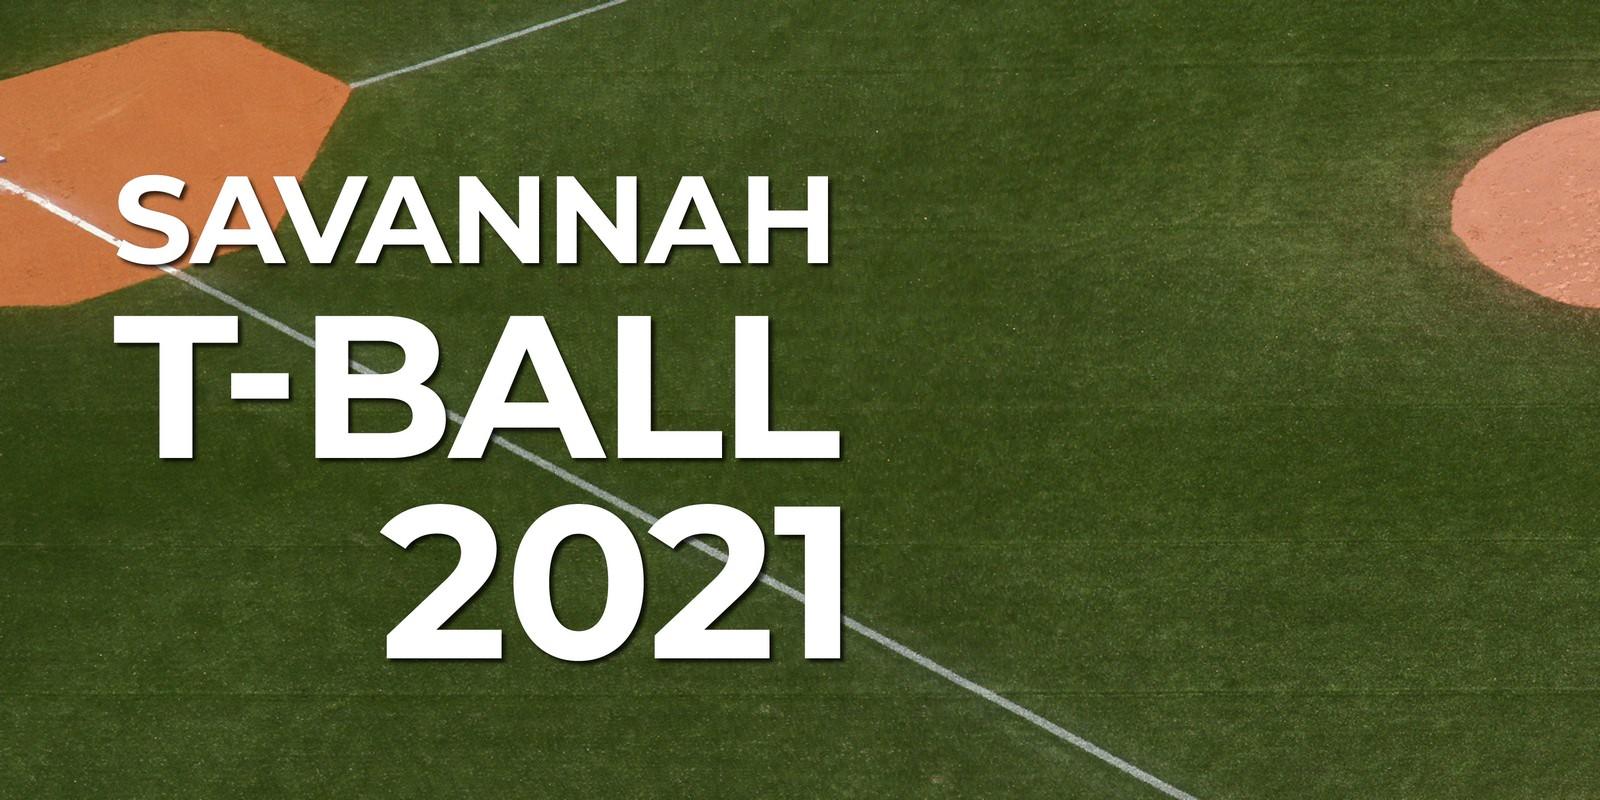 Savannah T-Ball 2021